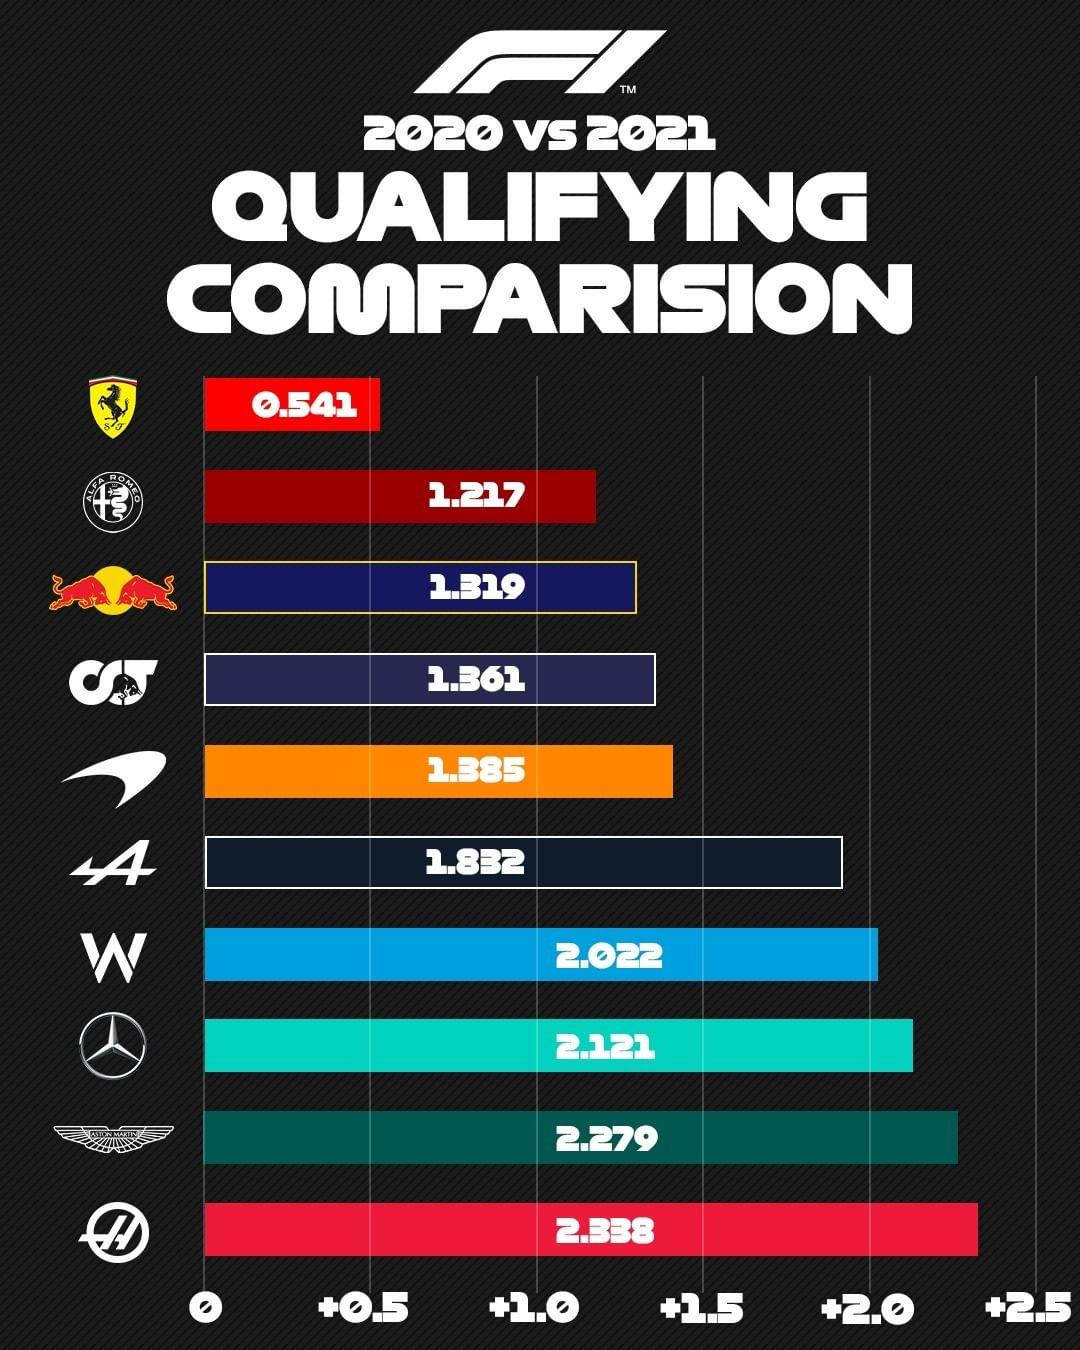 2021年 F1バーレーンGP 予選タイム 前年比